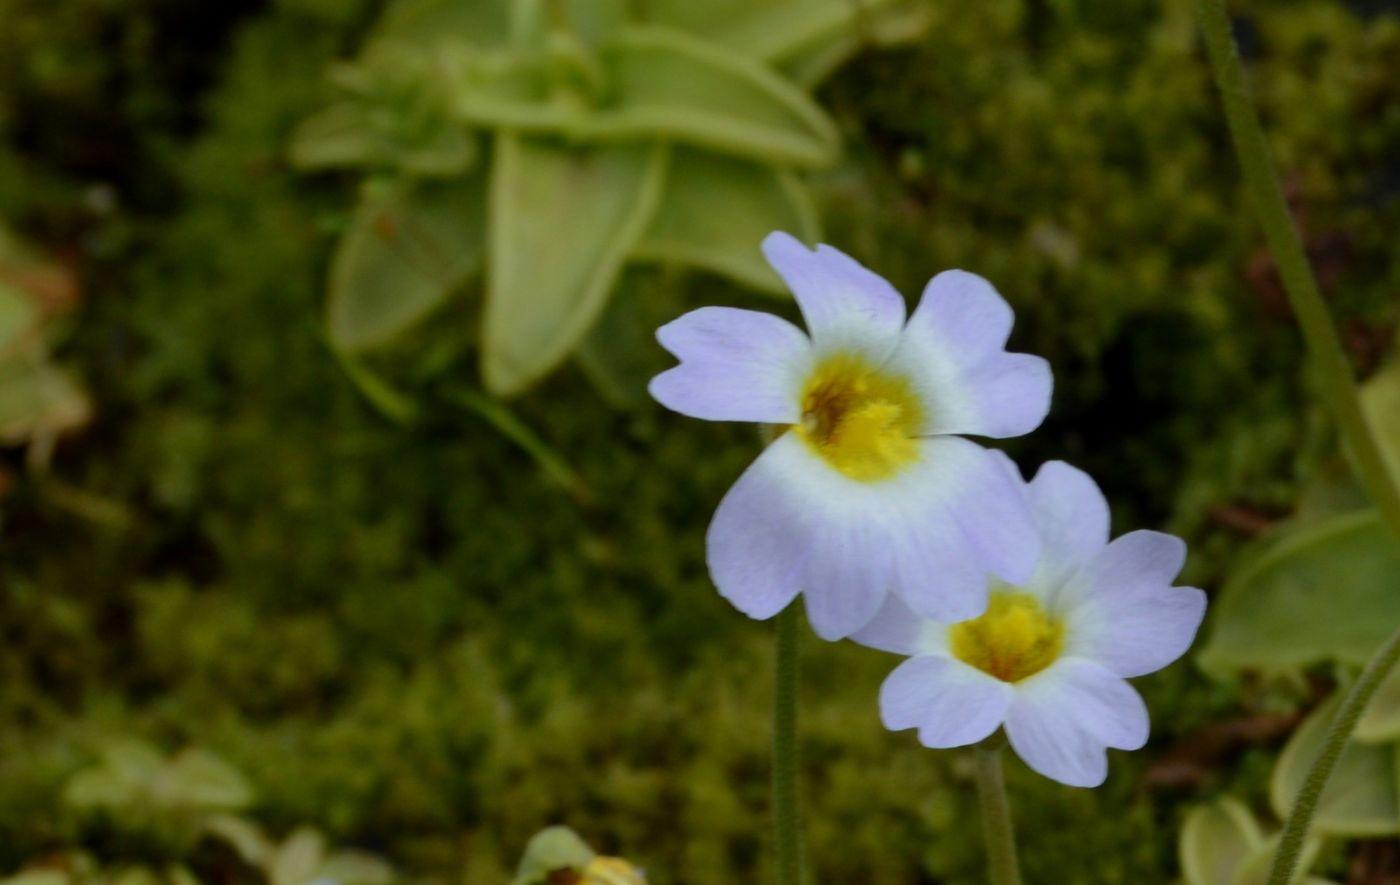 樱叶捕虫菫_图1-12